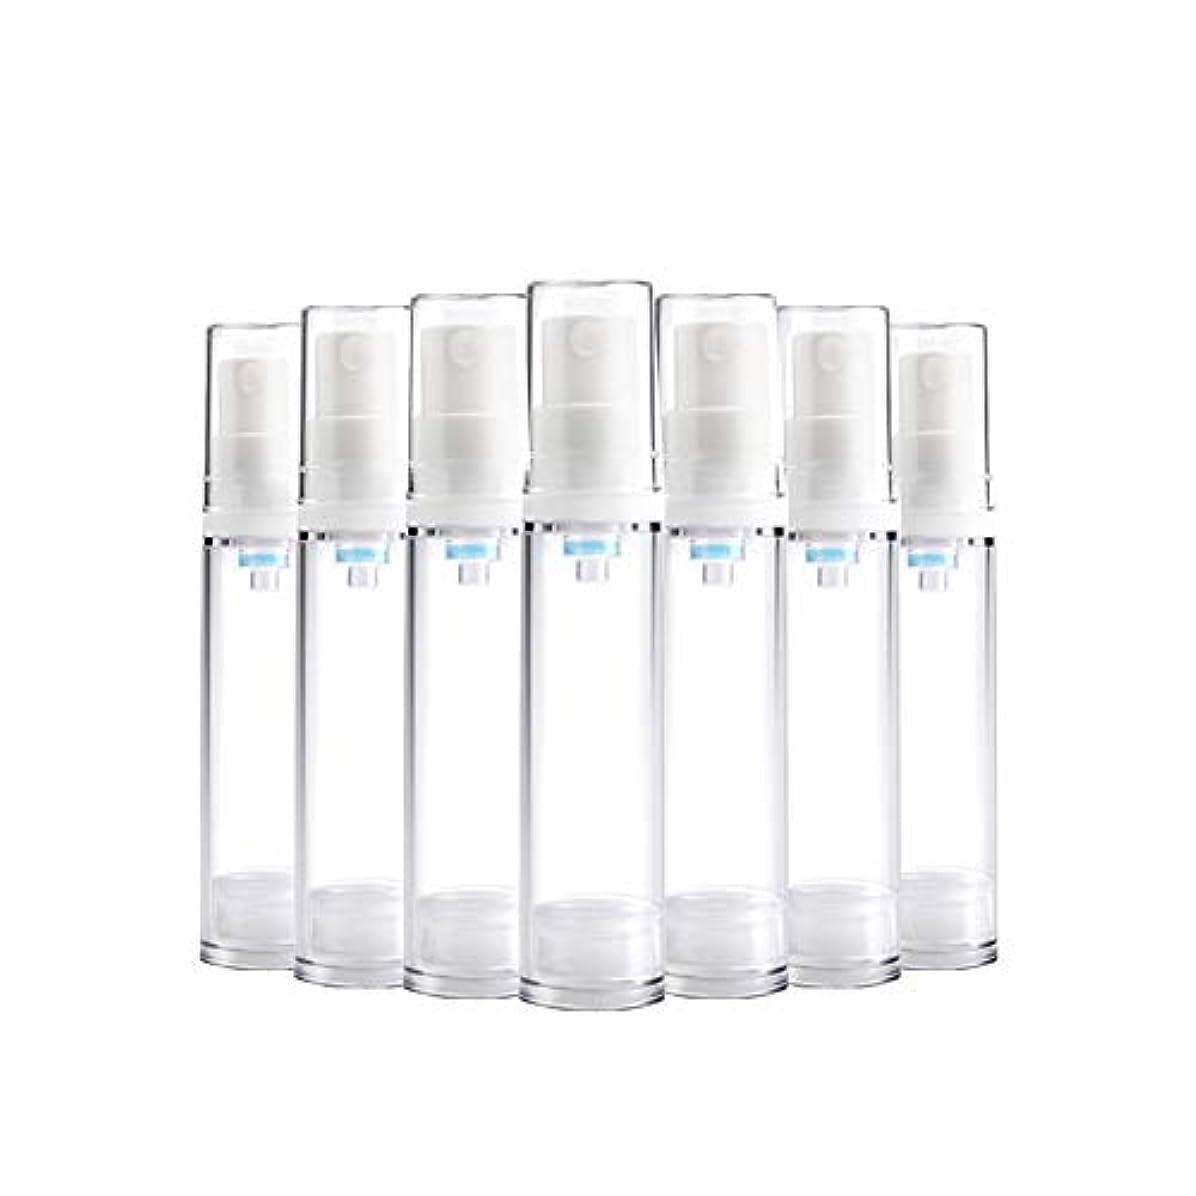 独裁血まみれの覗く6 PCS Aspireトランスペアレントプラスチックエアロゾルスプレーボトルエアレスポンプスプレーボトル 詰め替え可能なファインミストエアレススプレー(15ml 30ml) - 30 ml